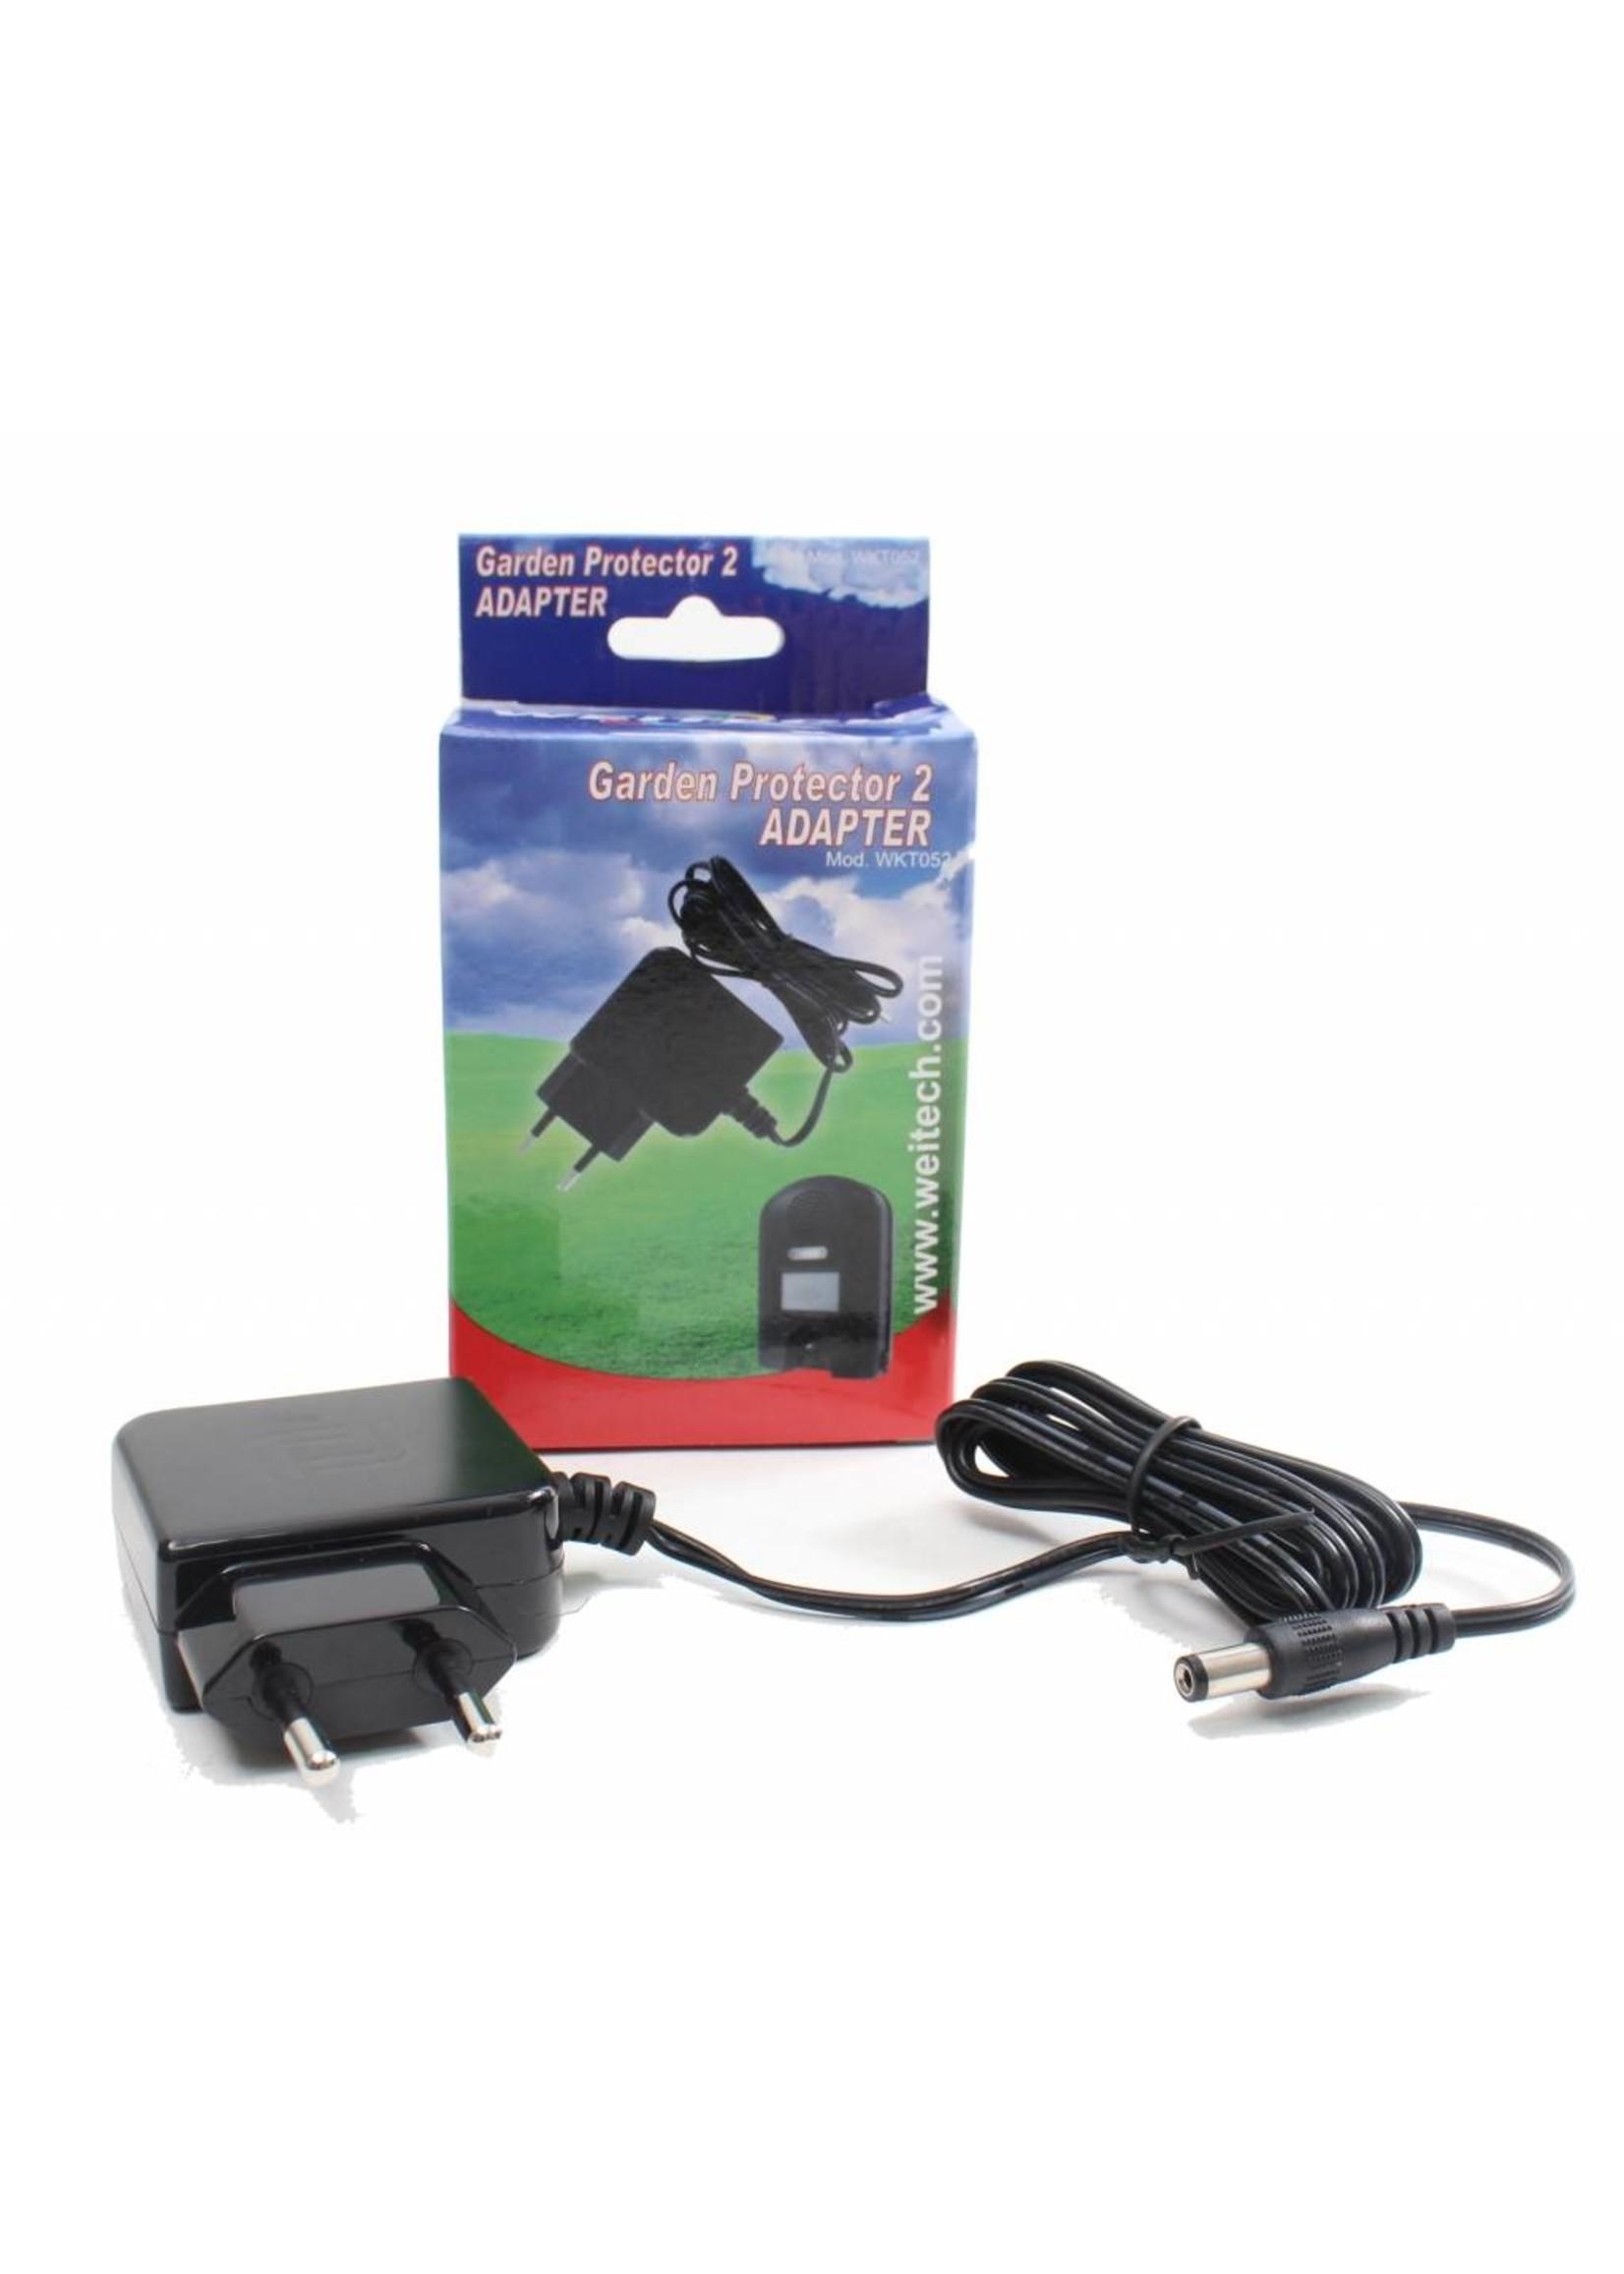 Weitech Adapter tbv Garden Protector W0052 / W0054 / W0055